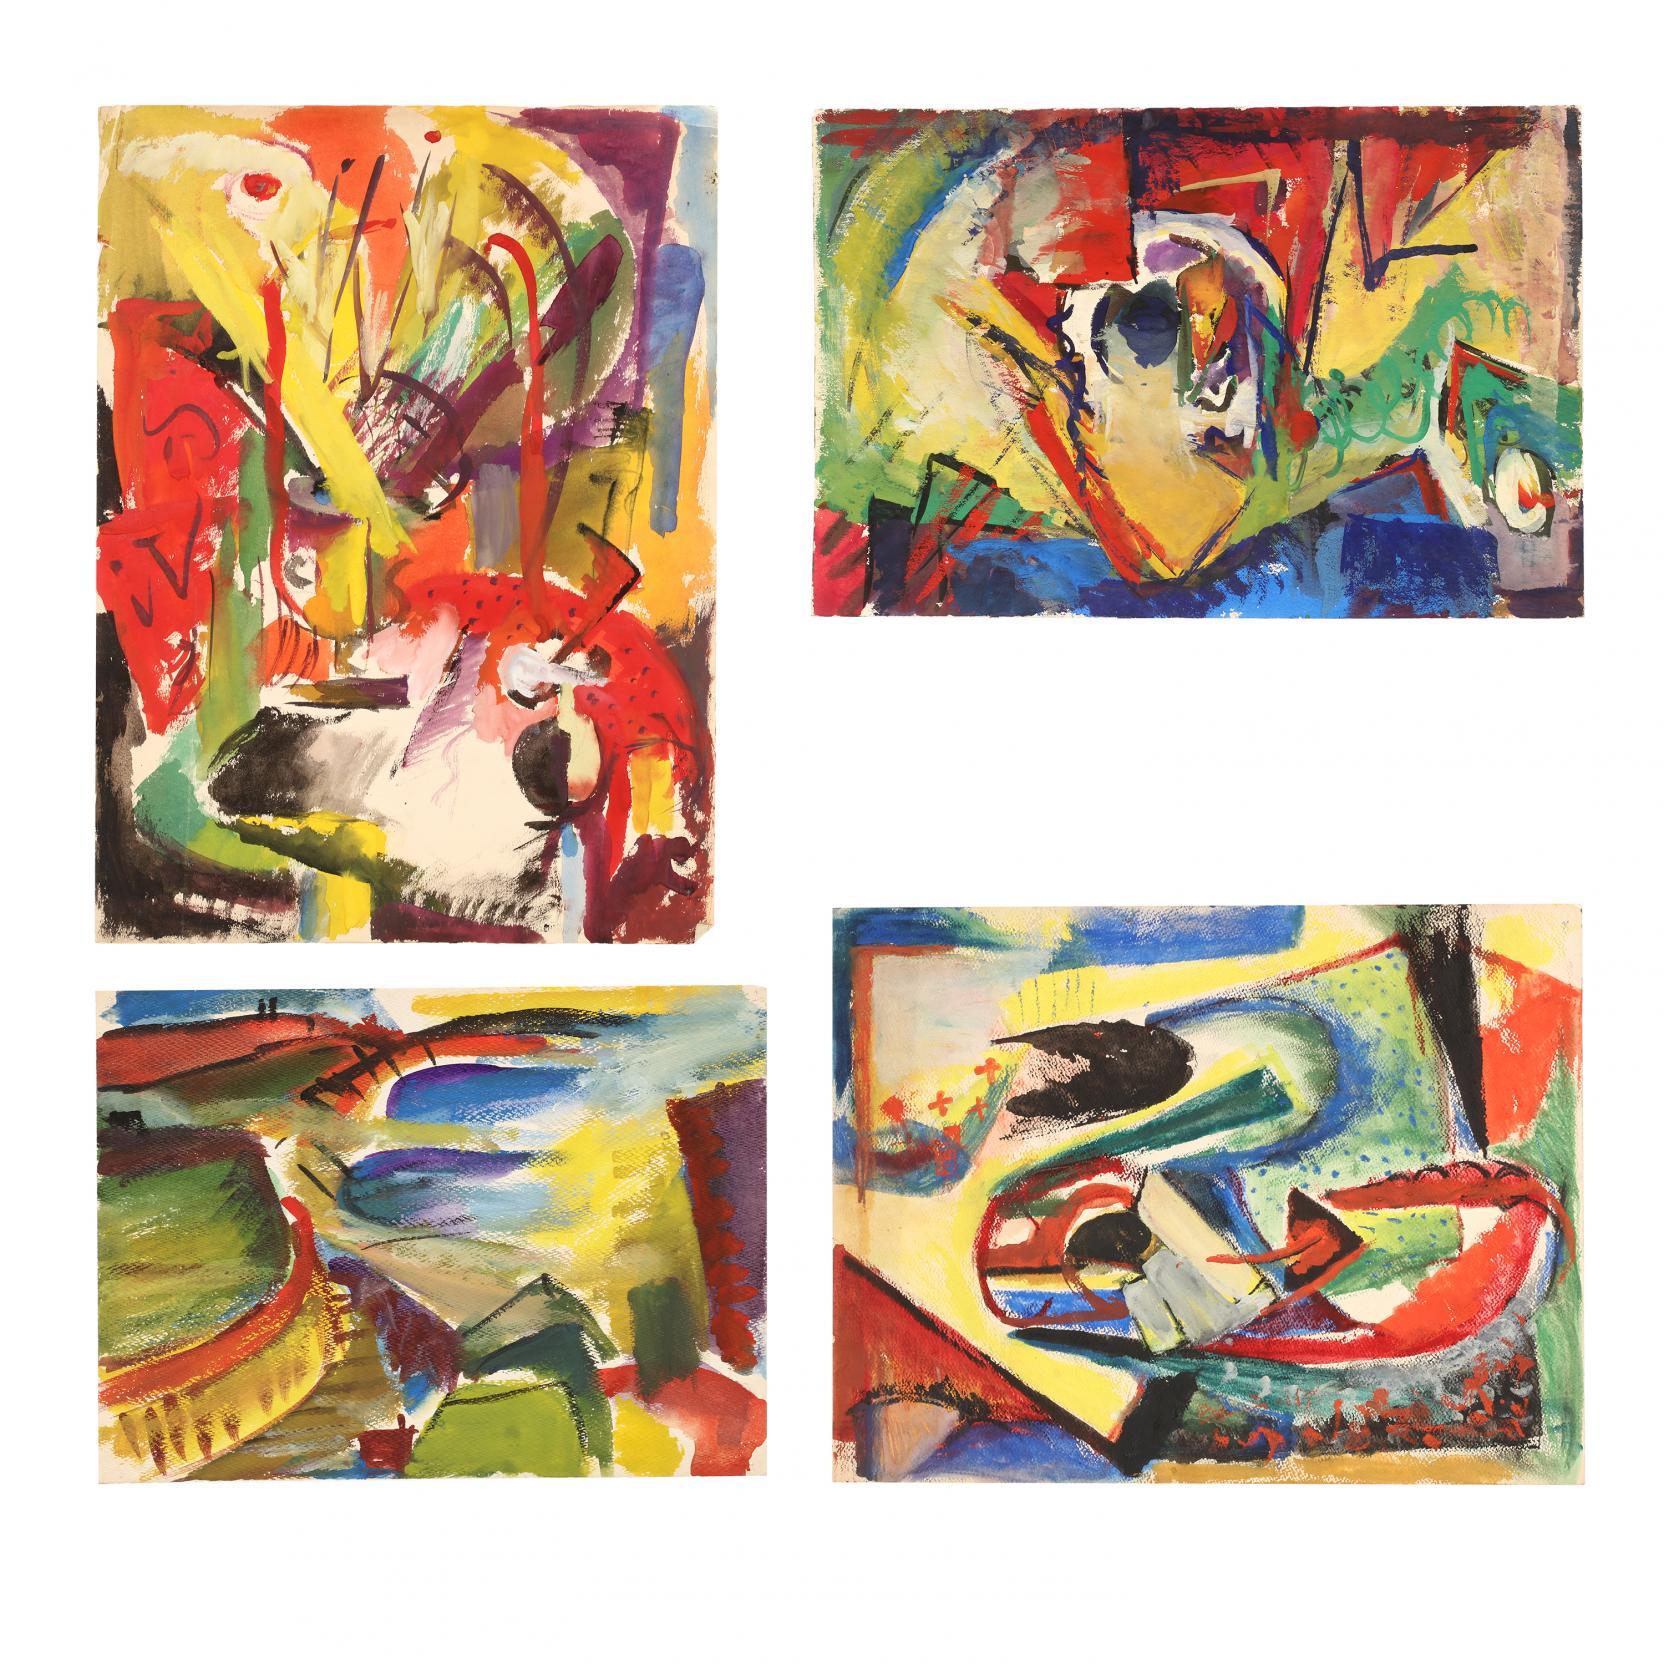 beulah-stevenson-ny-1890-1965-four-vibrant-mixed-media-works